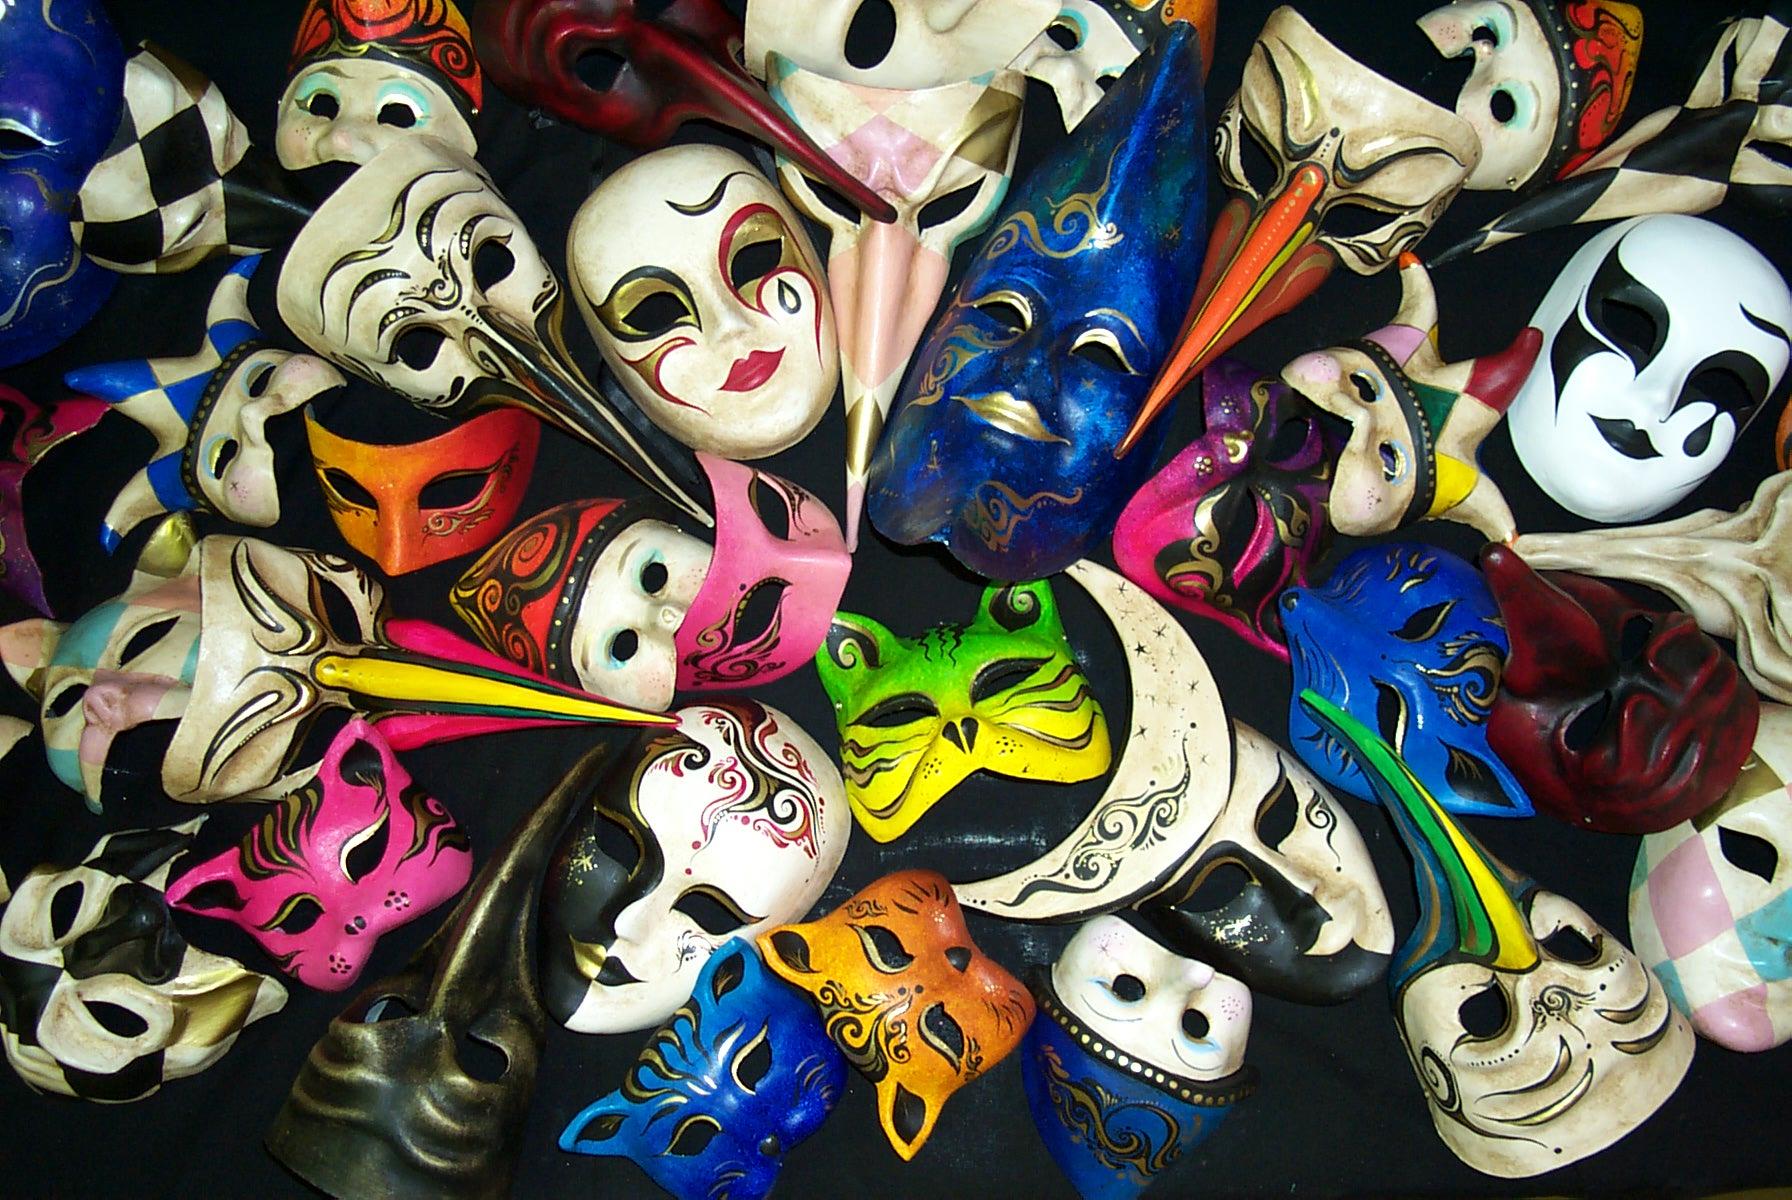 venezia-carnevale-maschere-laboratori